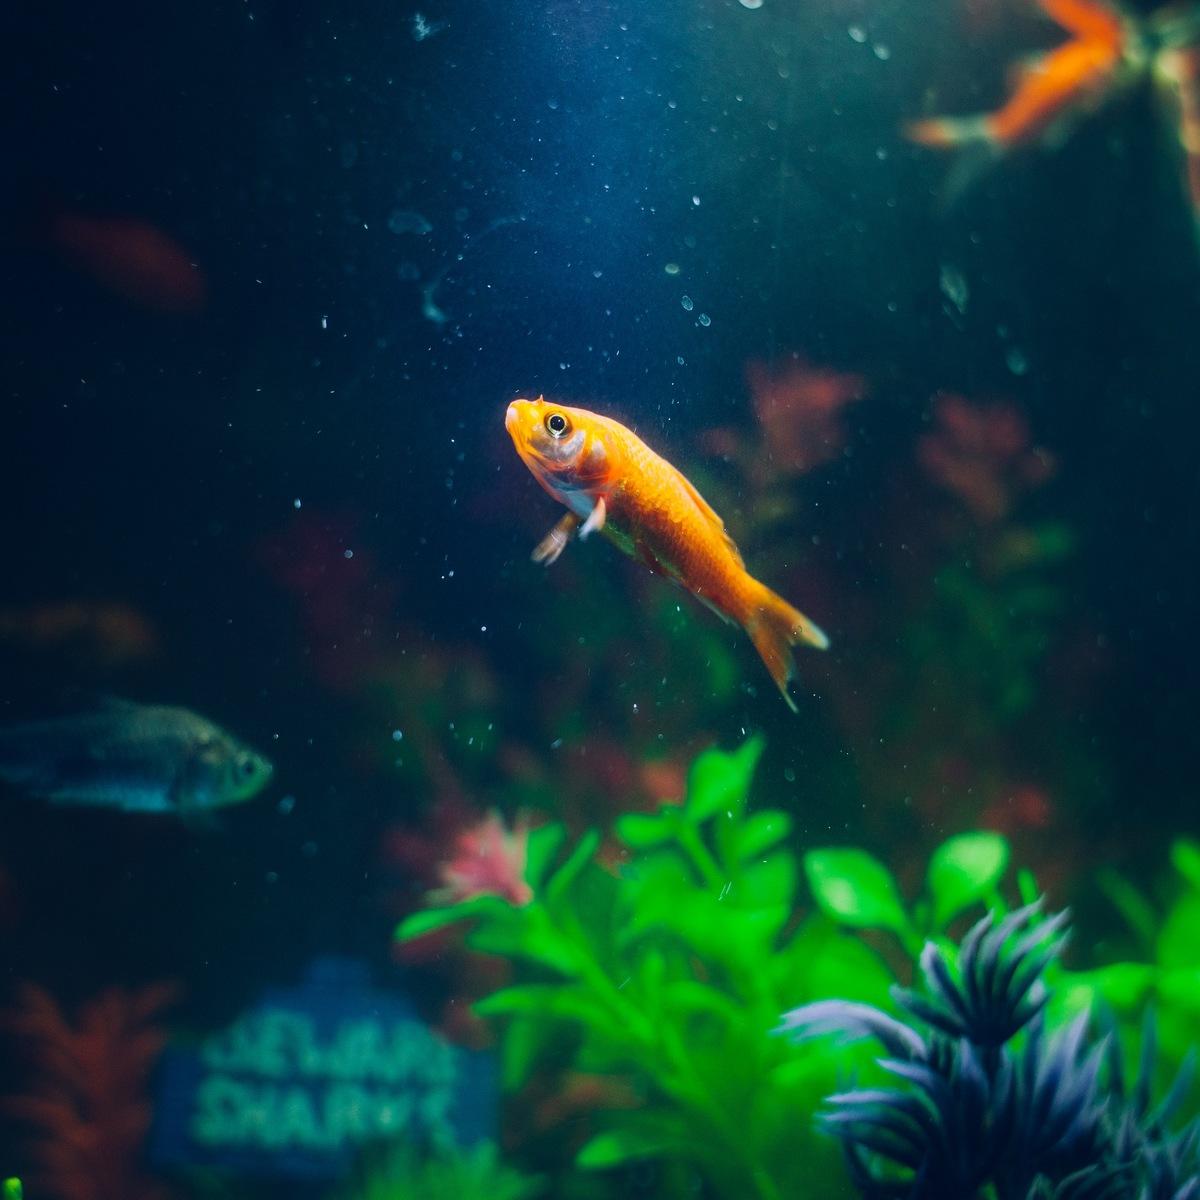 goldfish-animal-fish-pet-72288